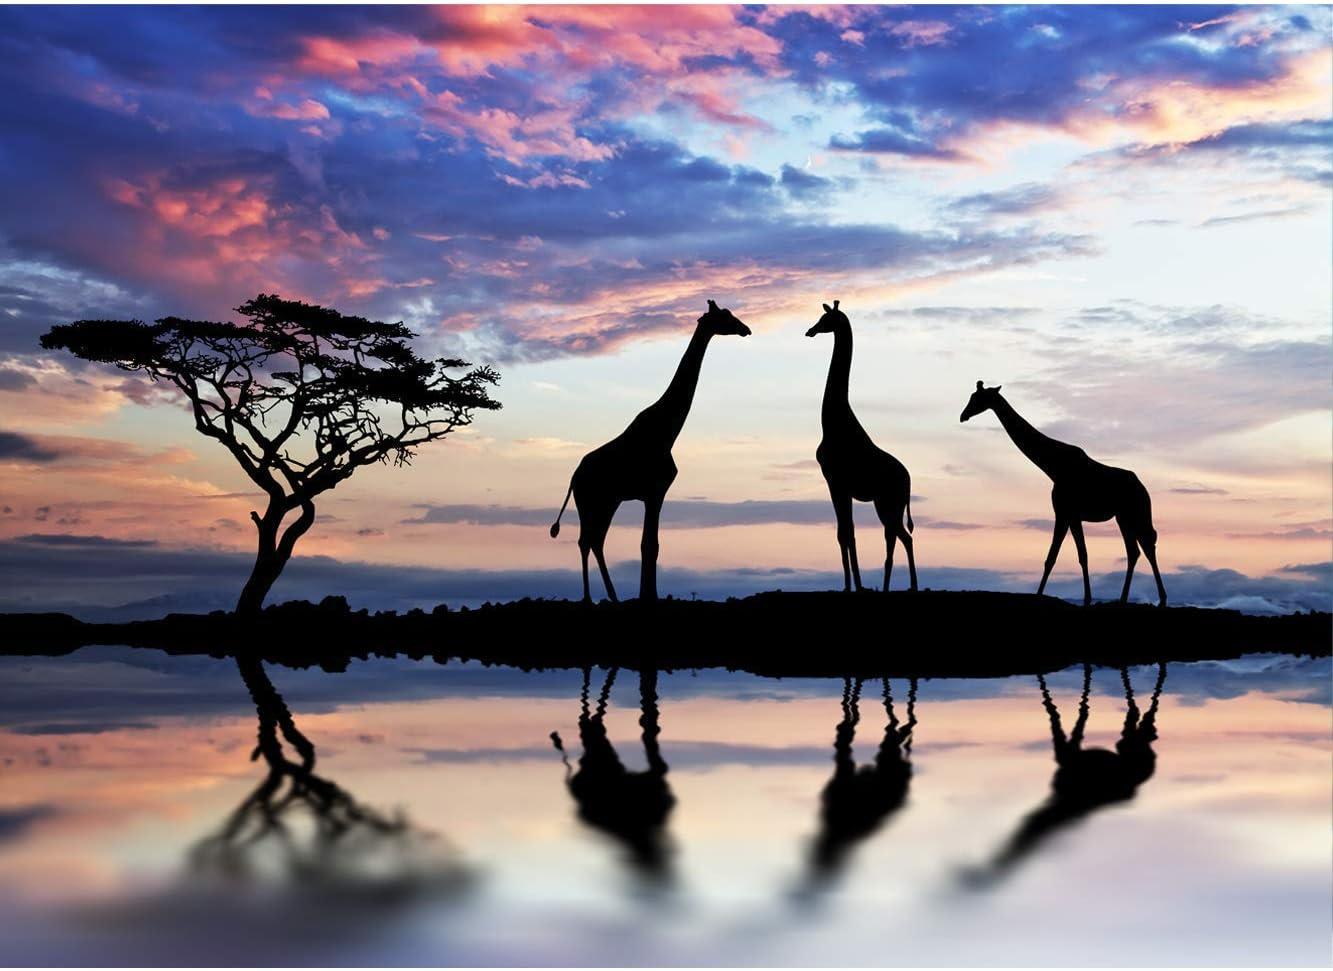 Elegante Disponible en Varias Medidas Resistente y Econ/ómico Cabecero Ligero Cabecero Cama Cart/ón Ec/ólogico Nido de Abeja Girafas 100x60cm